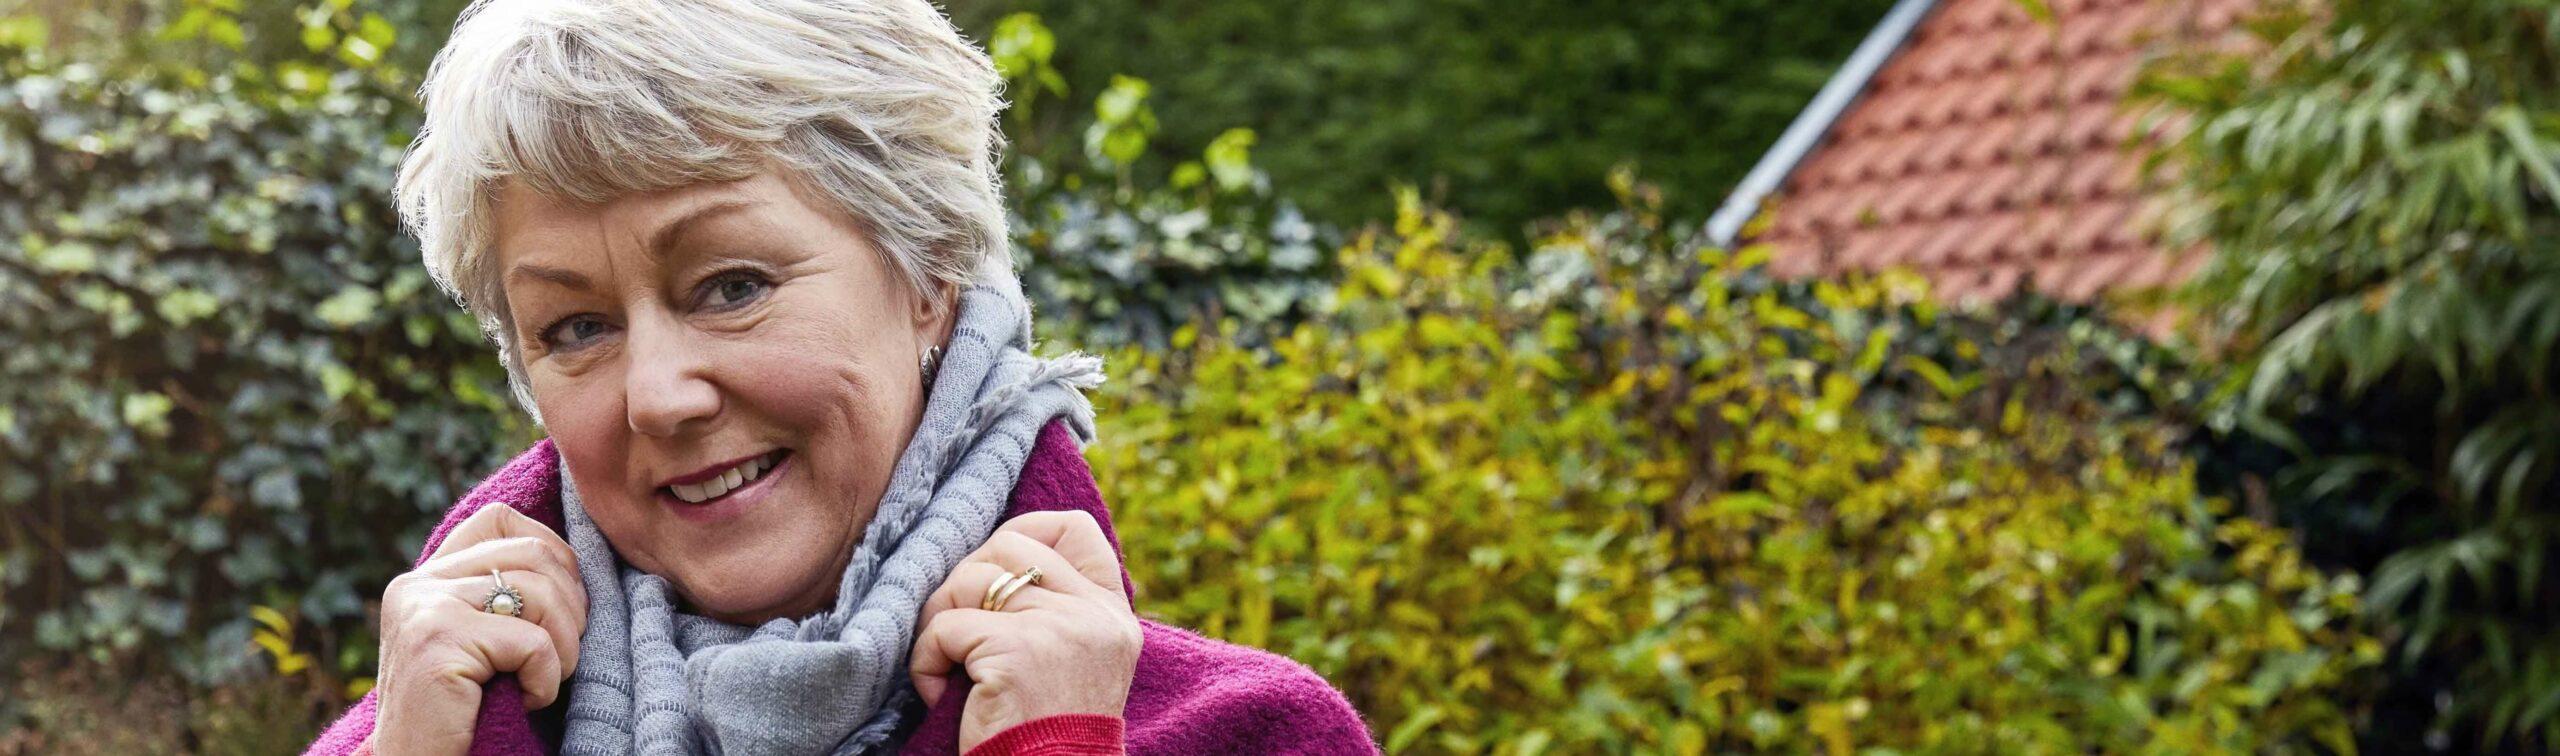 Vrouw met grijs haar in tuin